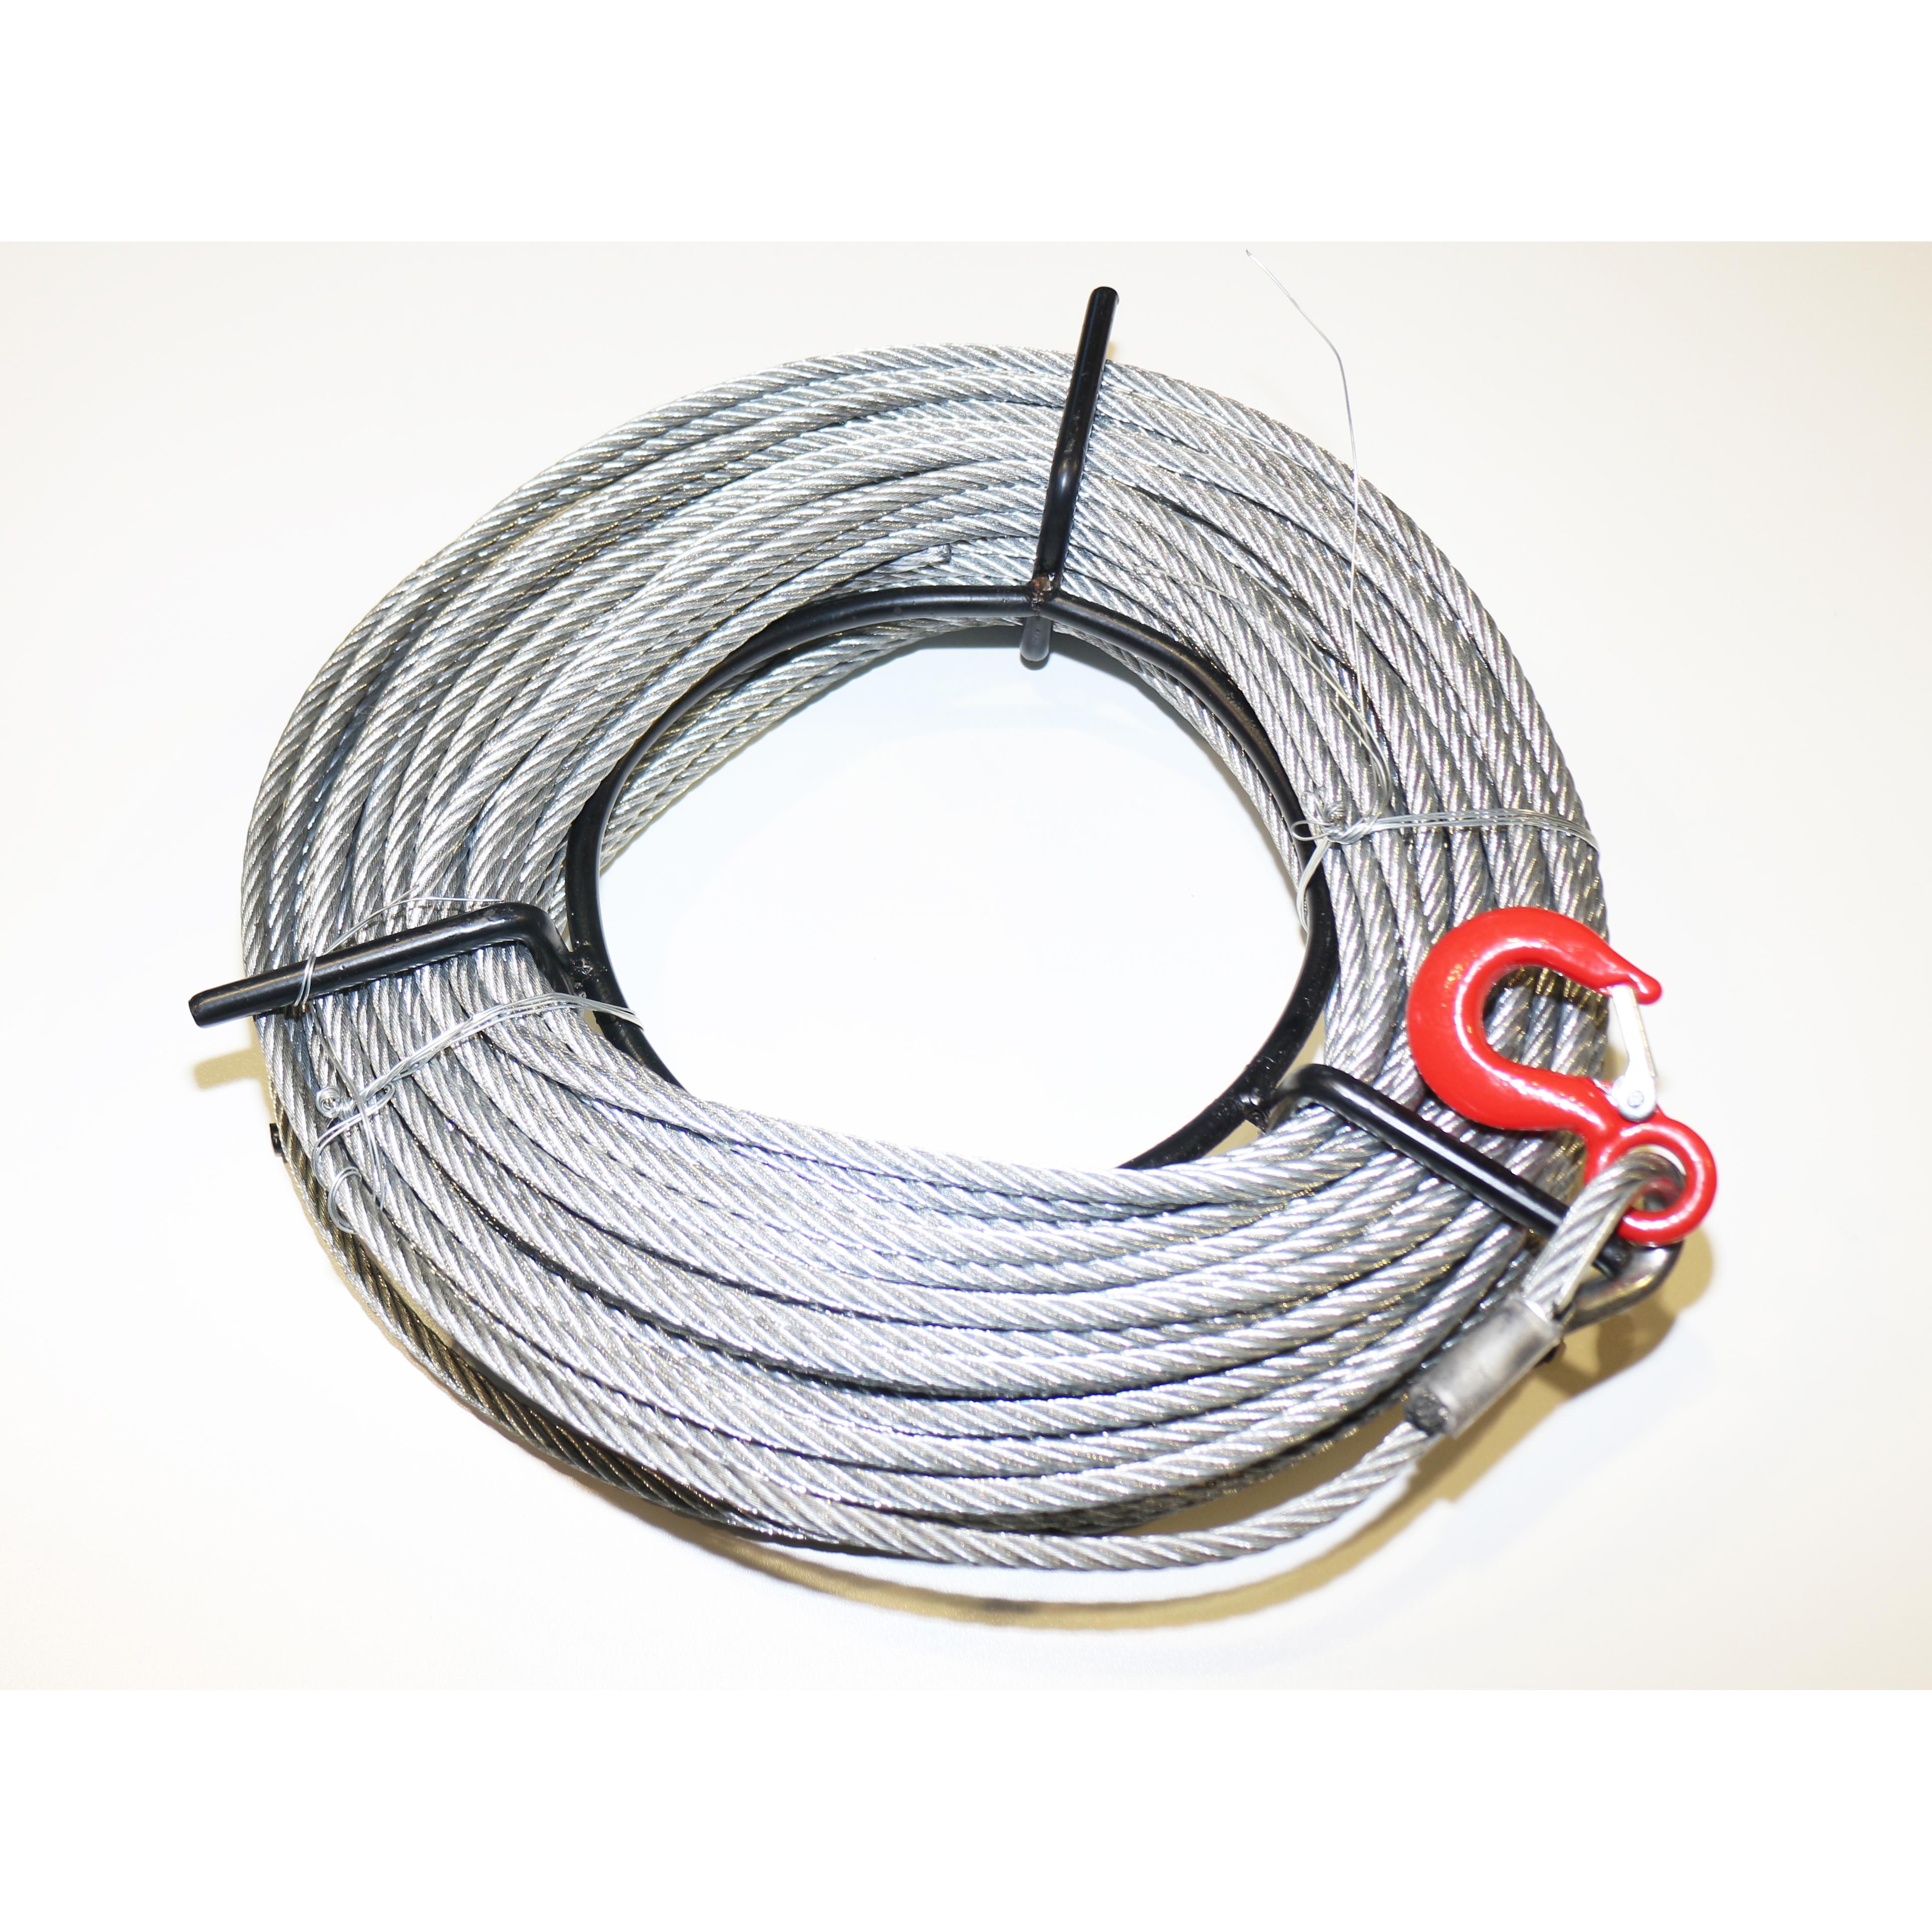 Ankerbolzen für 800kg Greifzug Seilzug Greifzüge Seilzüge  D=21.5 x 102mm